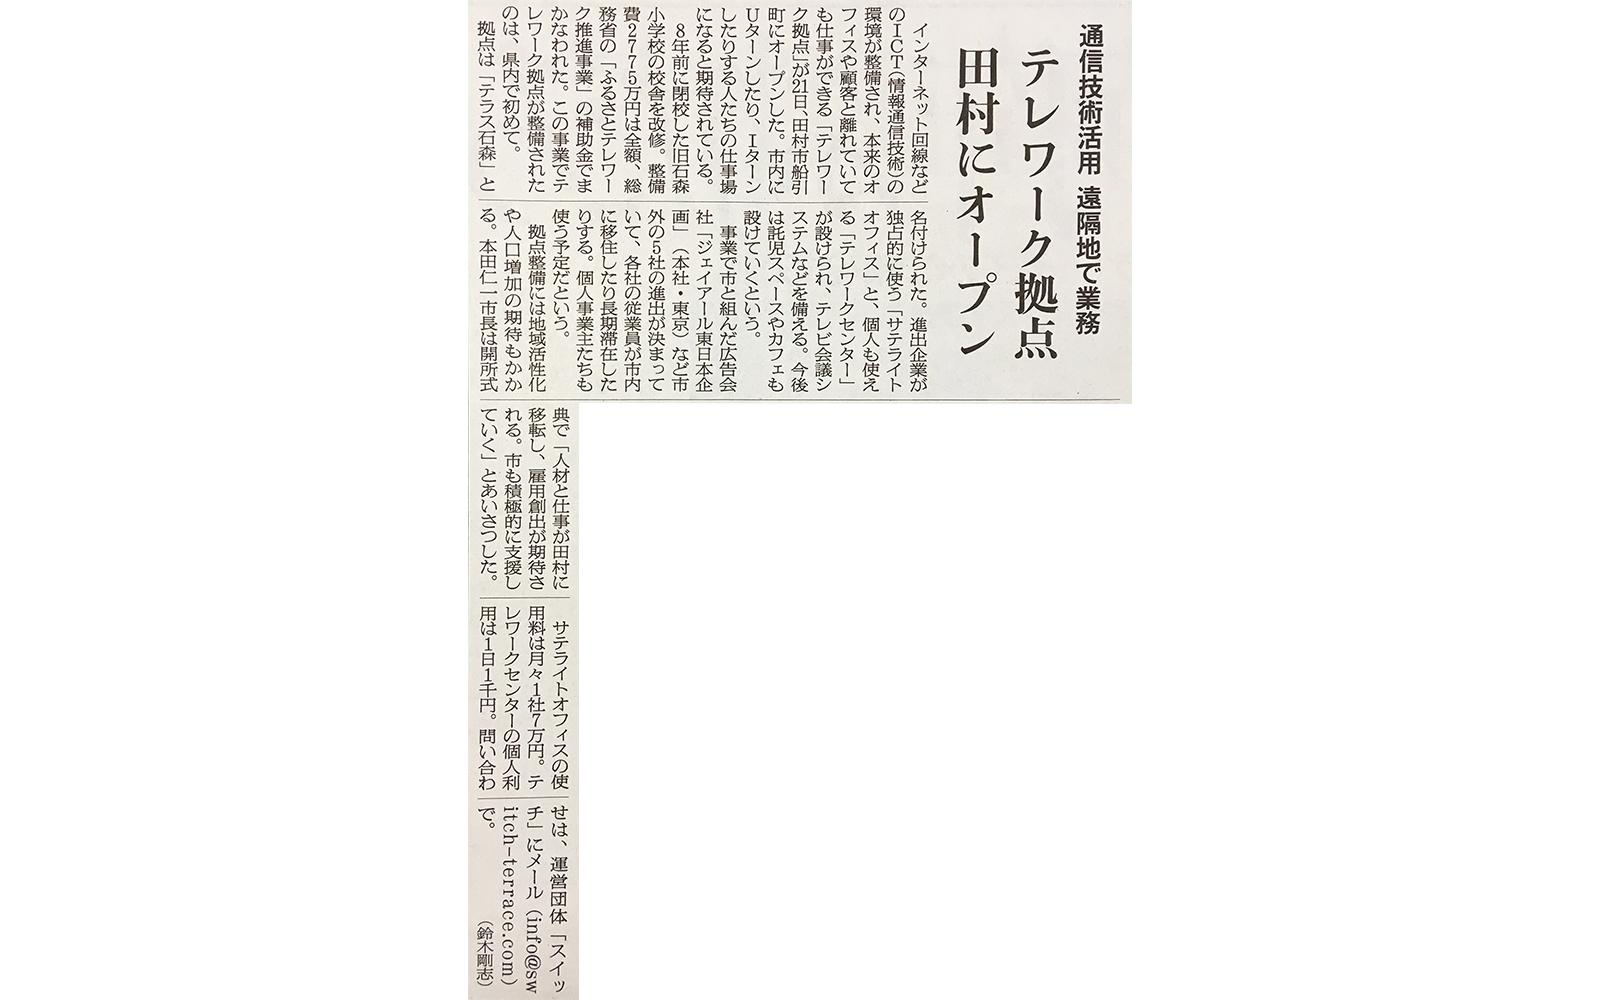 テラス石森開所の朝日新聞記事